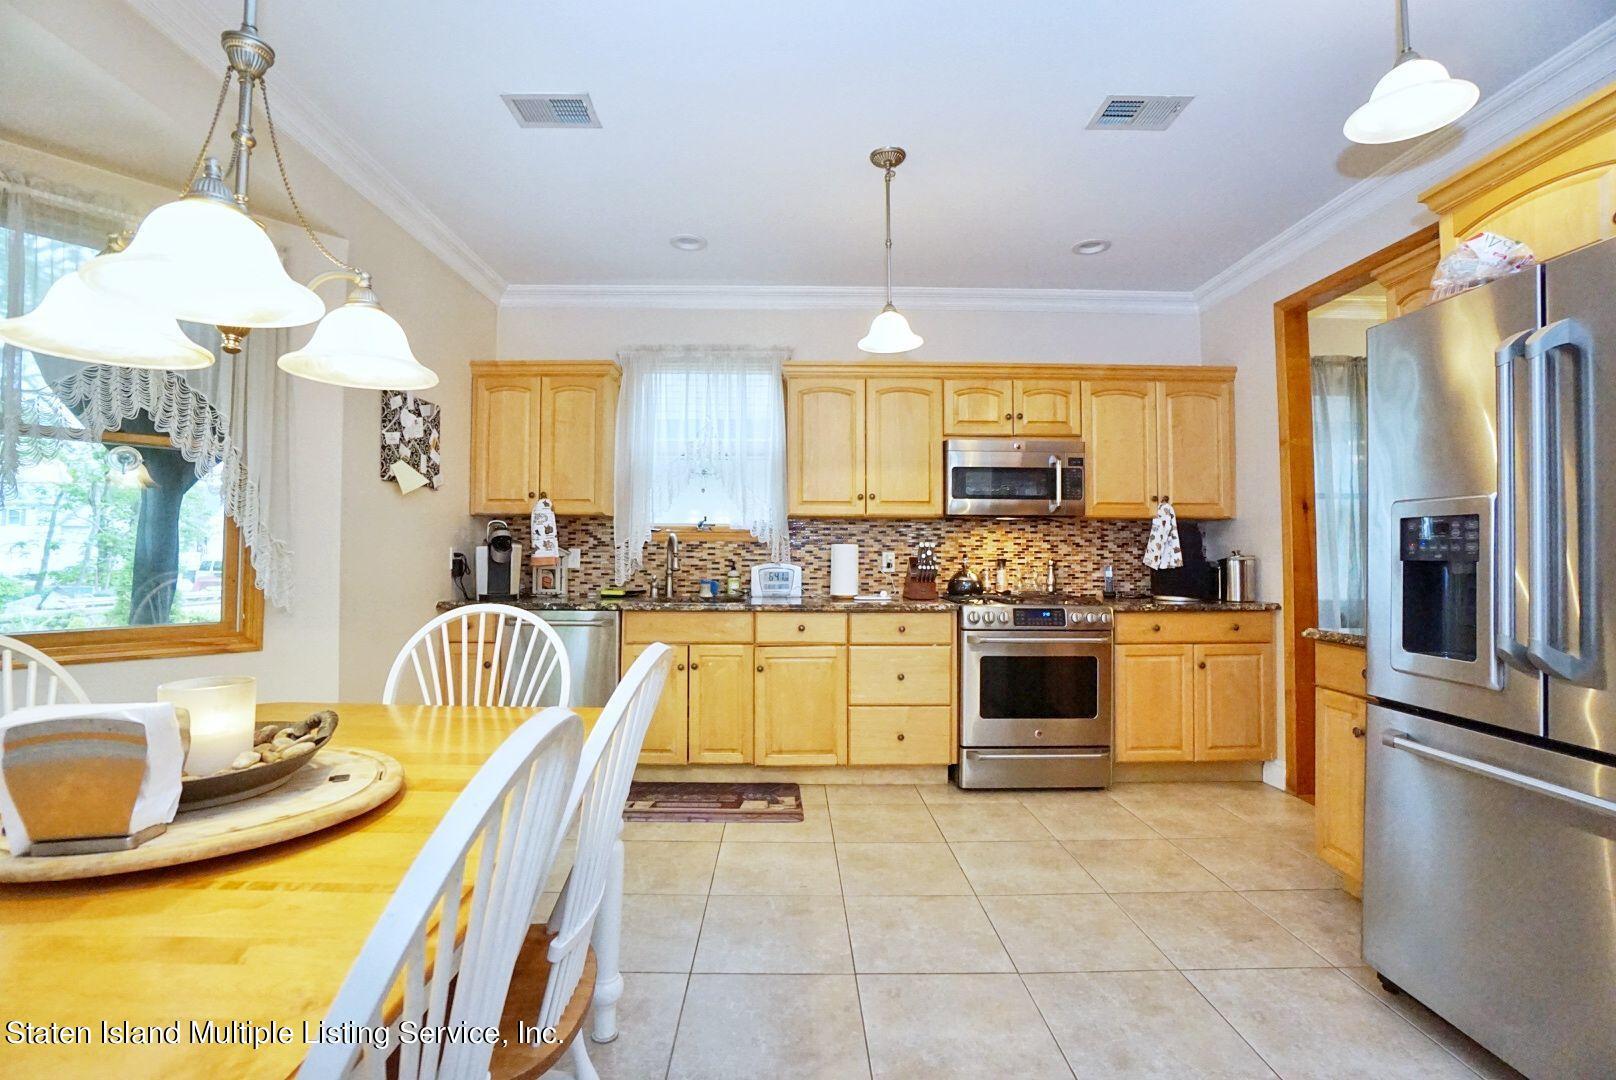 Single Family - Detached 311 Sharrott Avenue  Staten Island, NY 10309, MLS-1146042-19